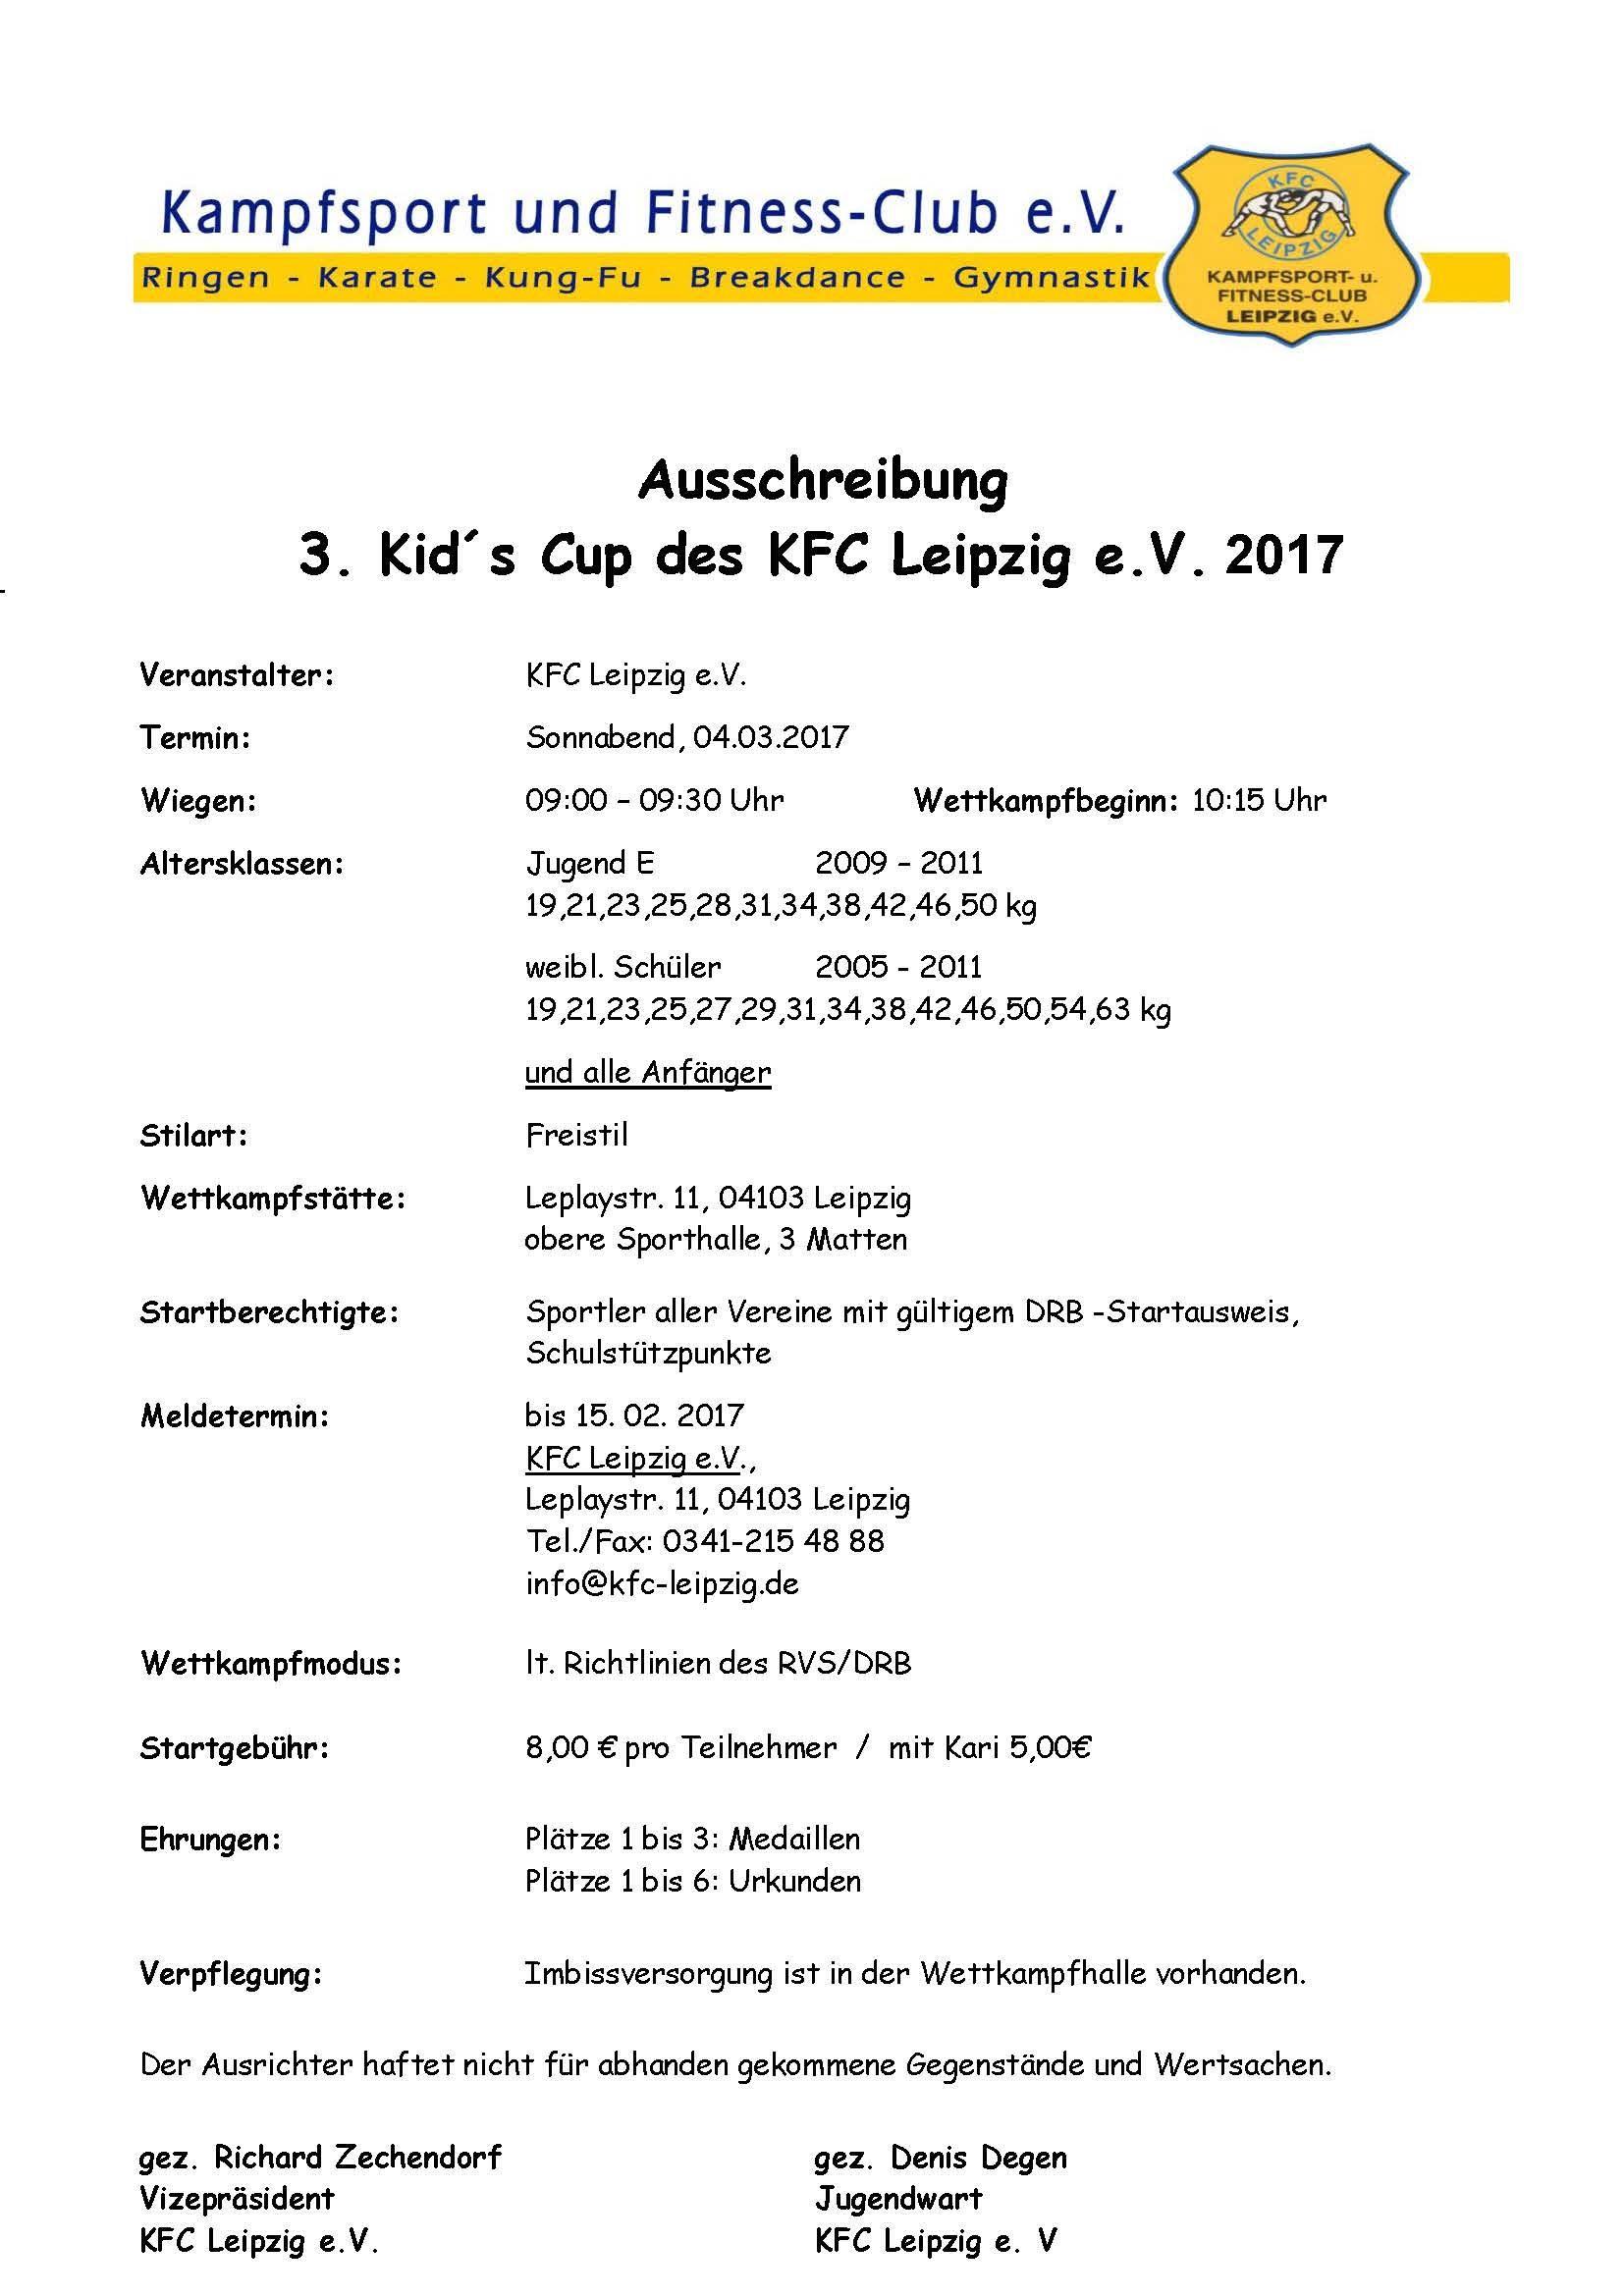 3. Kid's Cup Leipzig